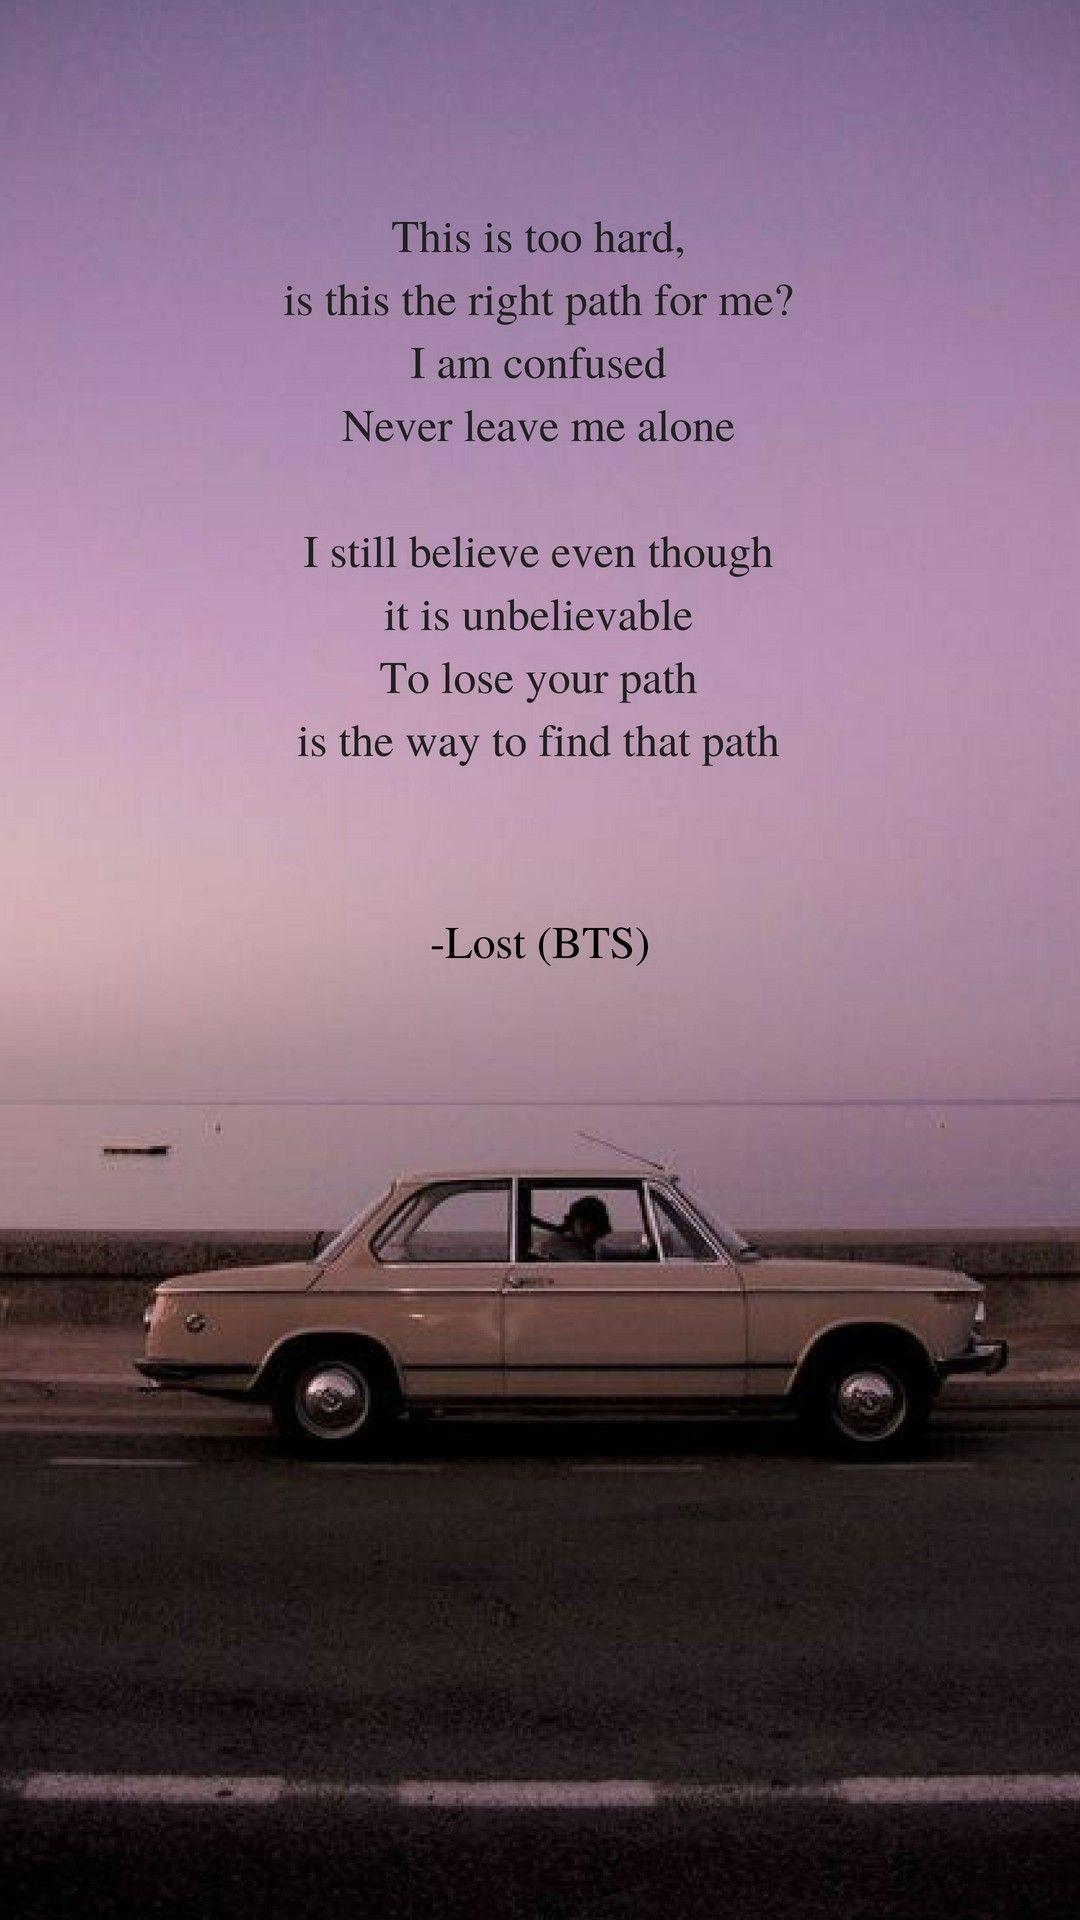 Lost by BTS Lyrics wallpaper